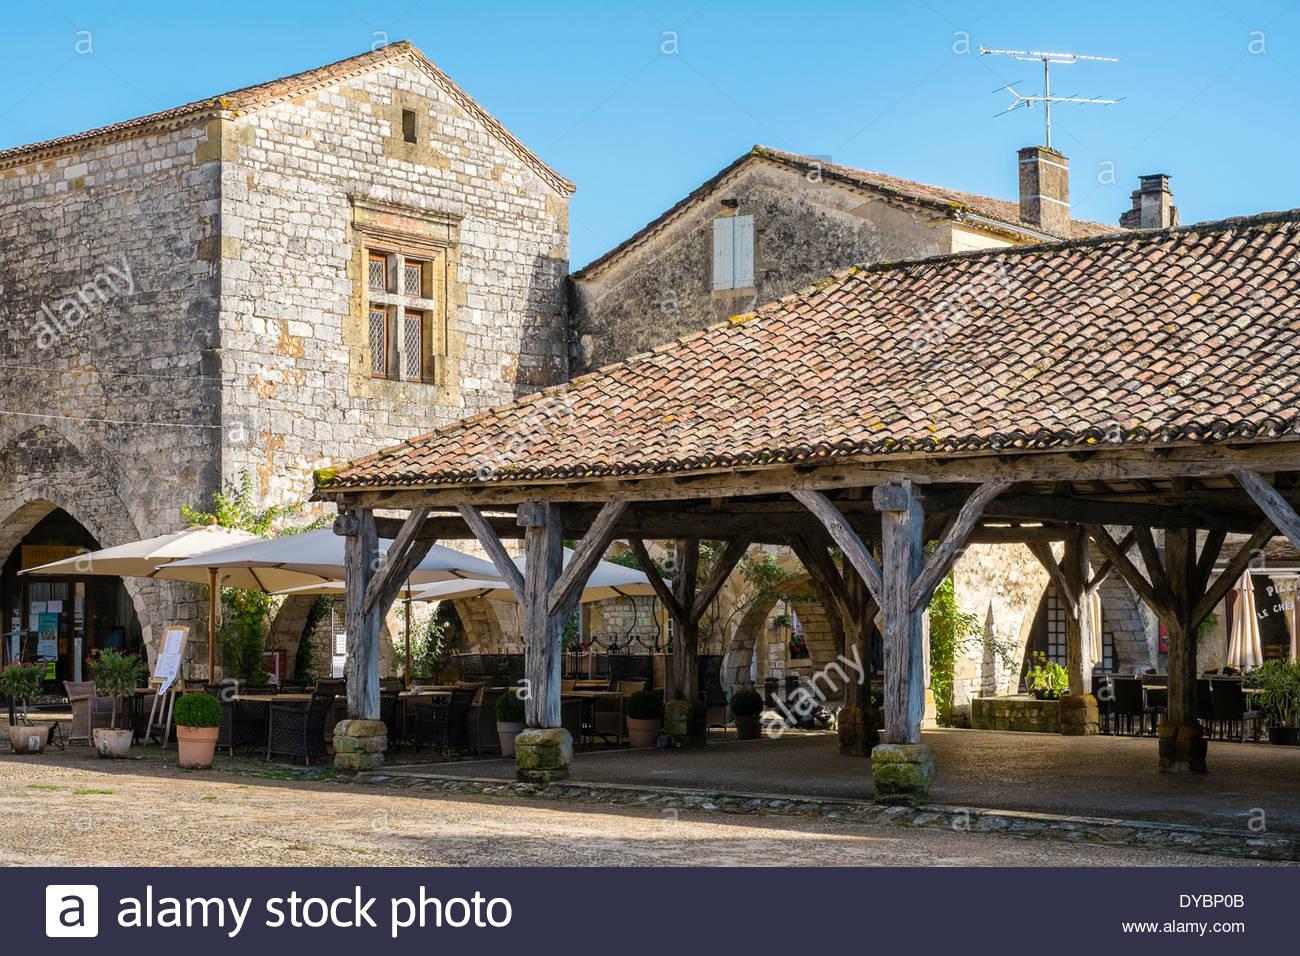 Überdachte Markthalle am Ort des Cornières, Monpazier, Departement Dordogne, Aquitaine, Frankreich Stockbild